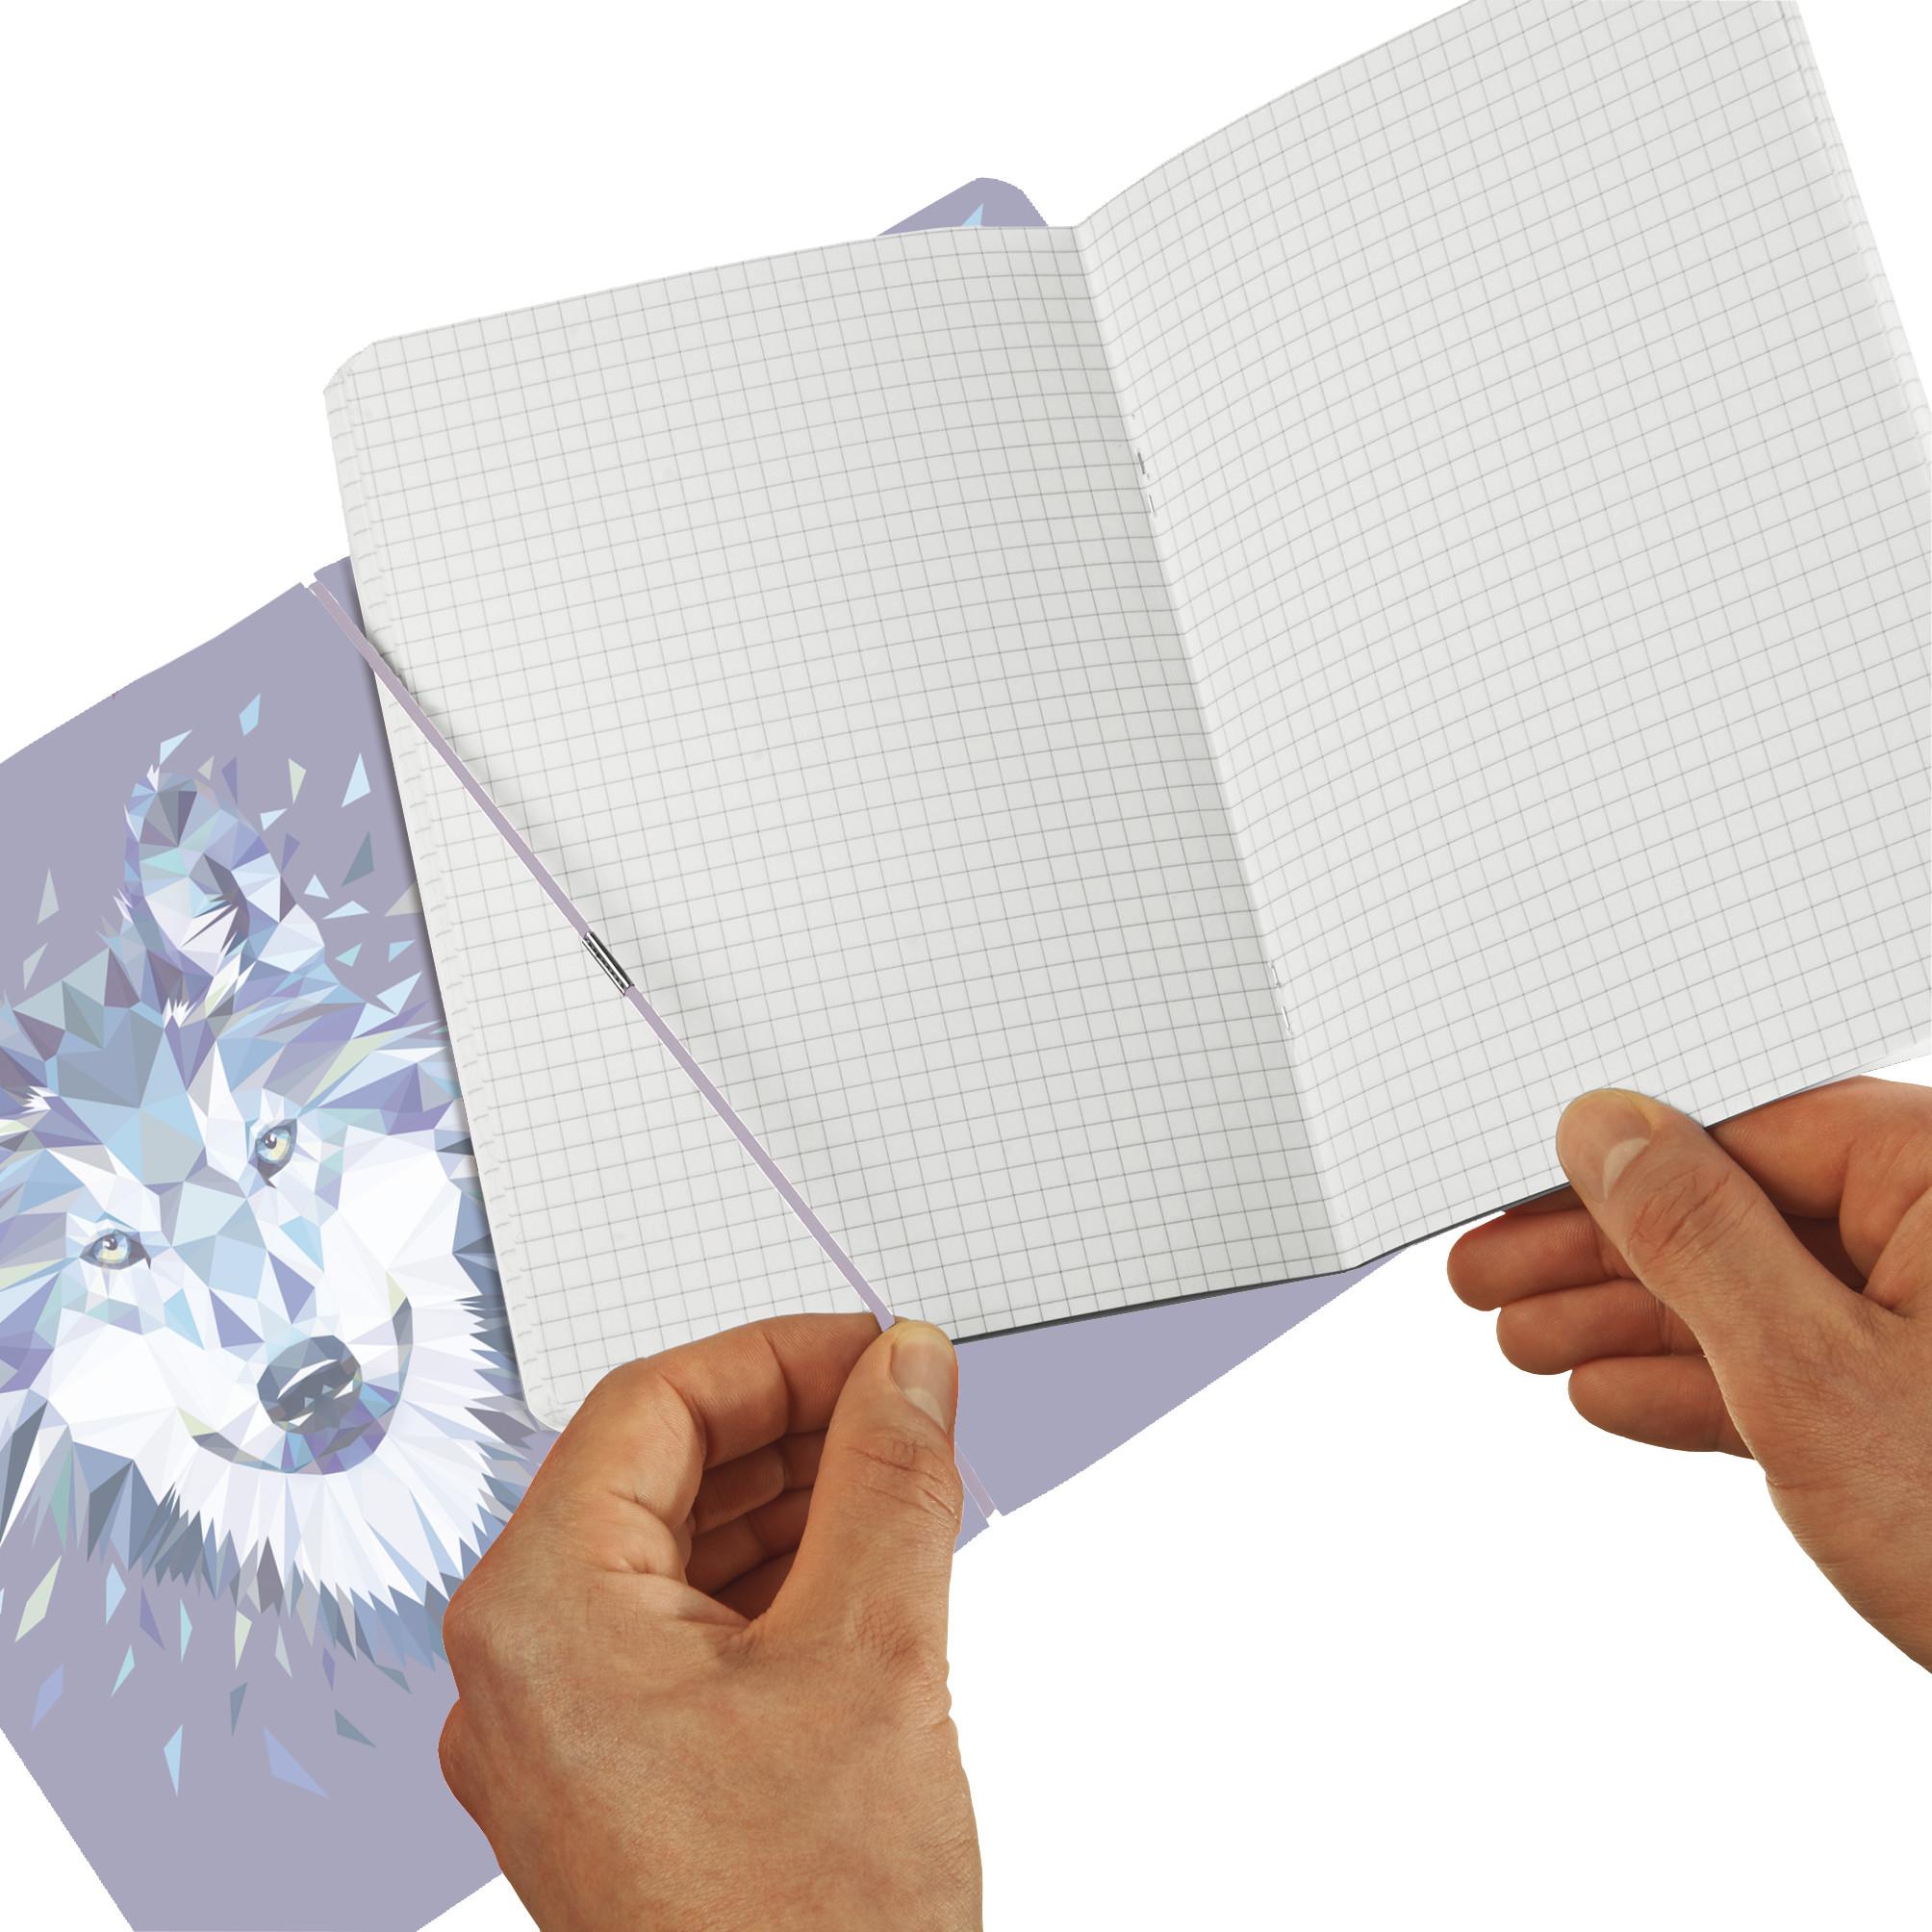 Herlitz 50027286 - Abbildung - Blau - A5 - 40 Blätter - 80 g/m² - Dot grid paper